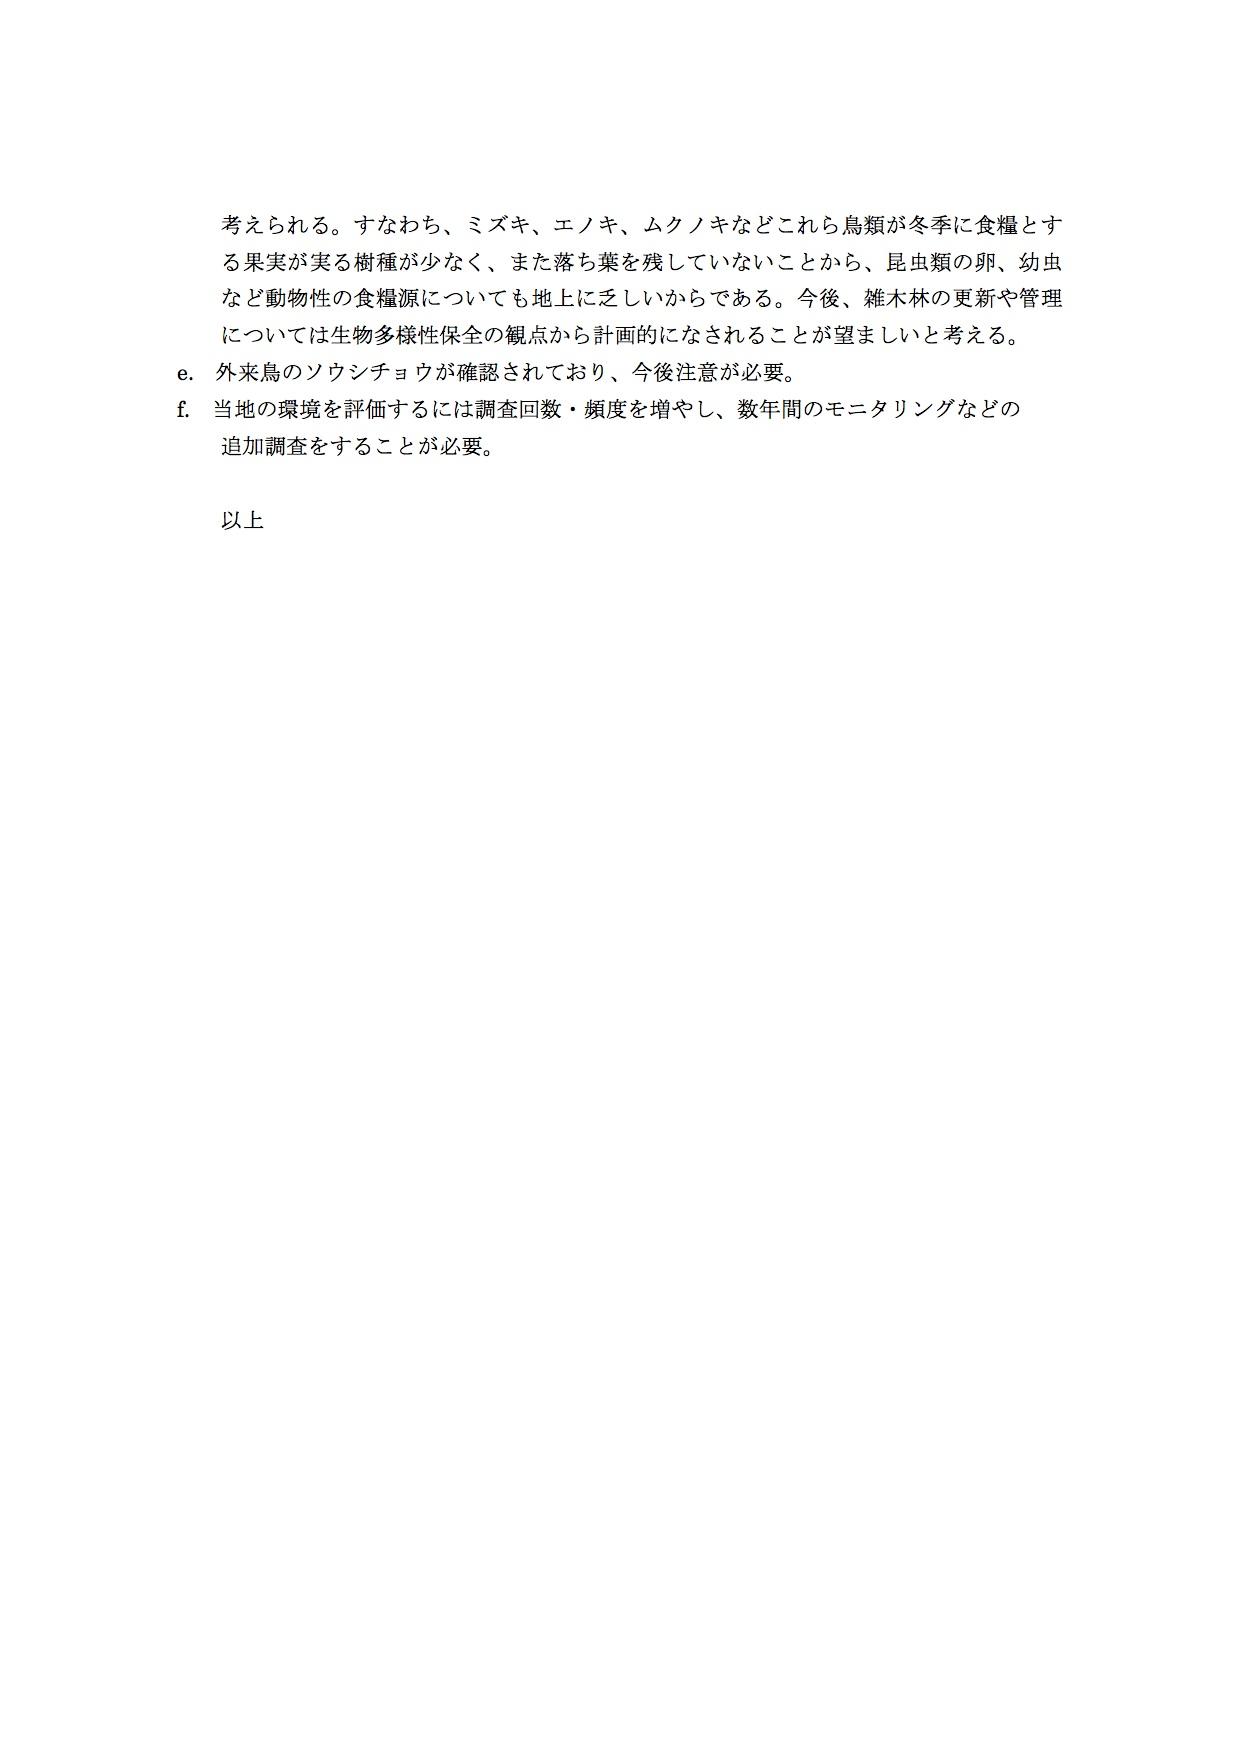 20130209fuyudori3